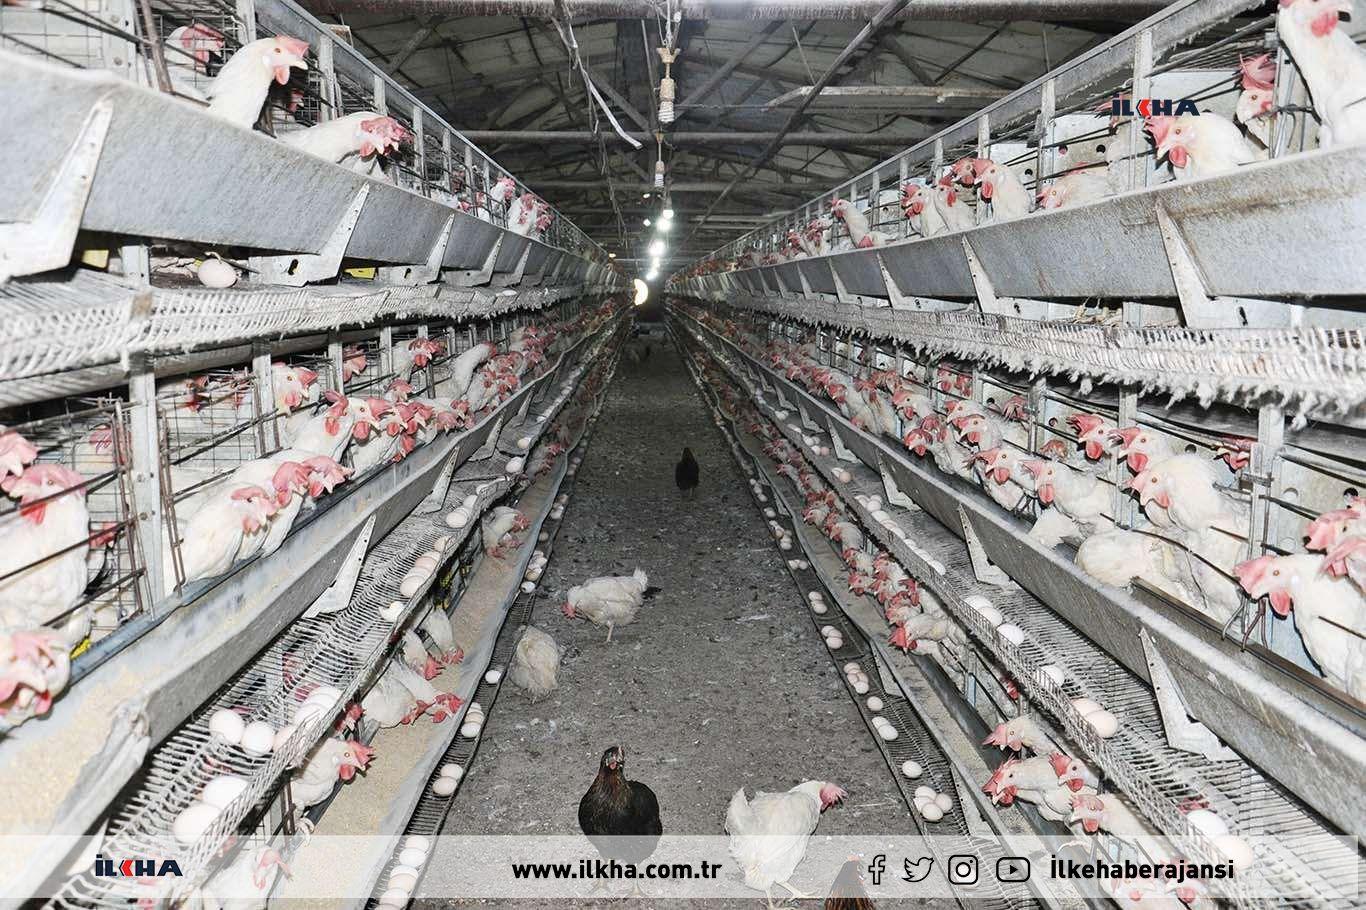 Üreticiler yumurta fiyatlarındaki artış hakkında ne düşünüyor?